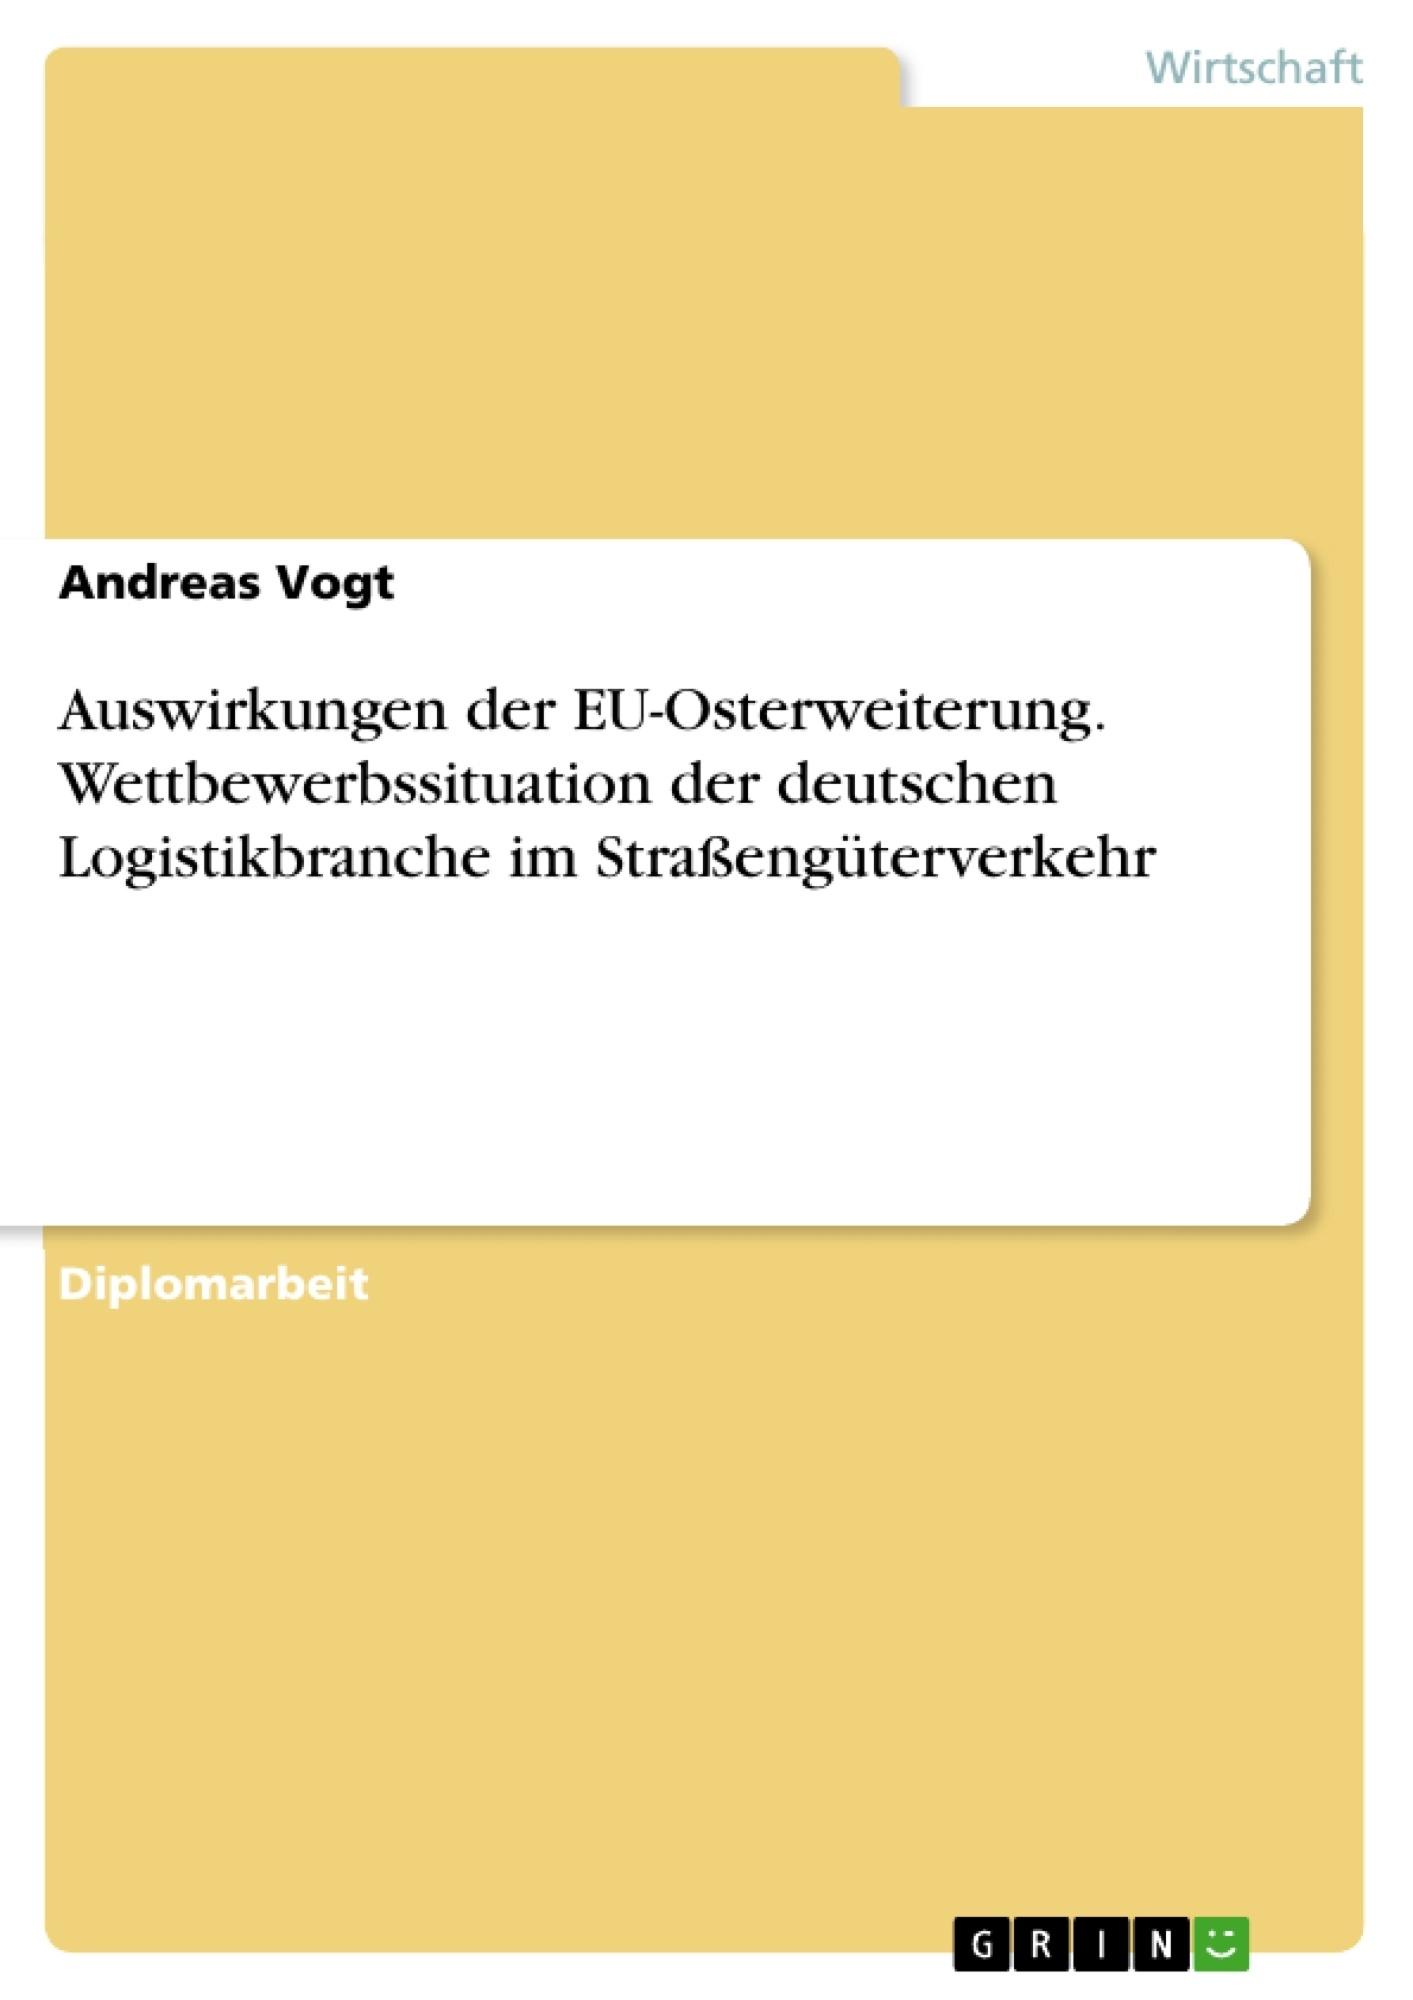 Titel: Auswirkungen der EU-Osterweiterung. Wettbewerbssituation der deutschen Logistikbranche im Straßengüterverkehr